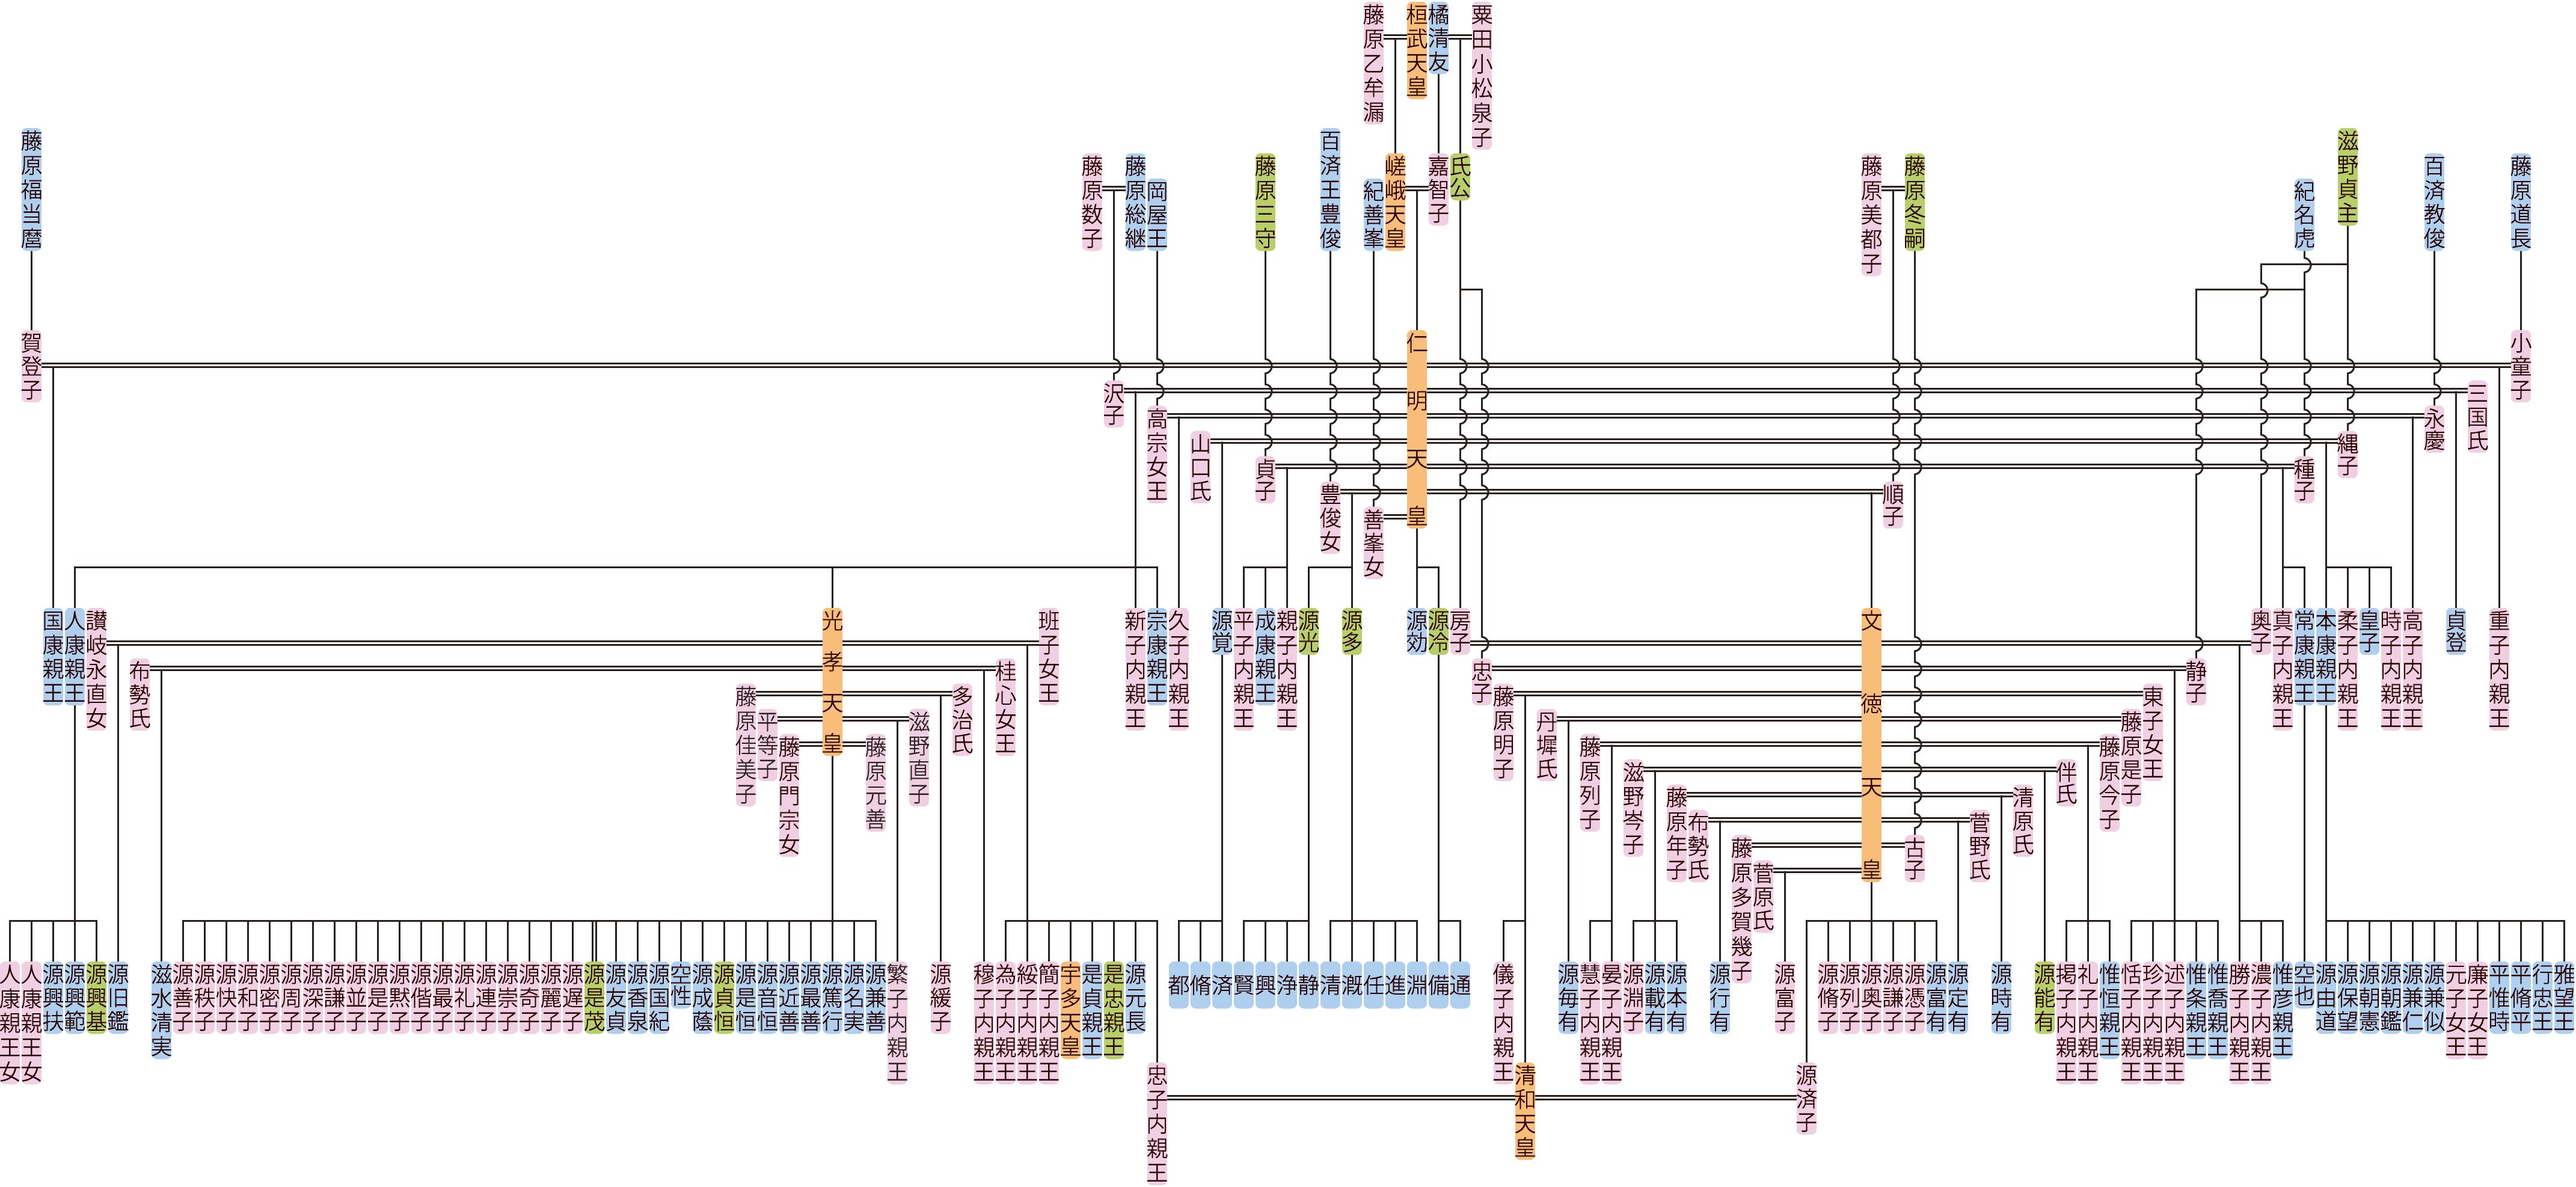 仁明天皇の系図